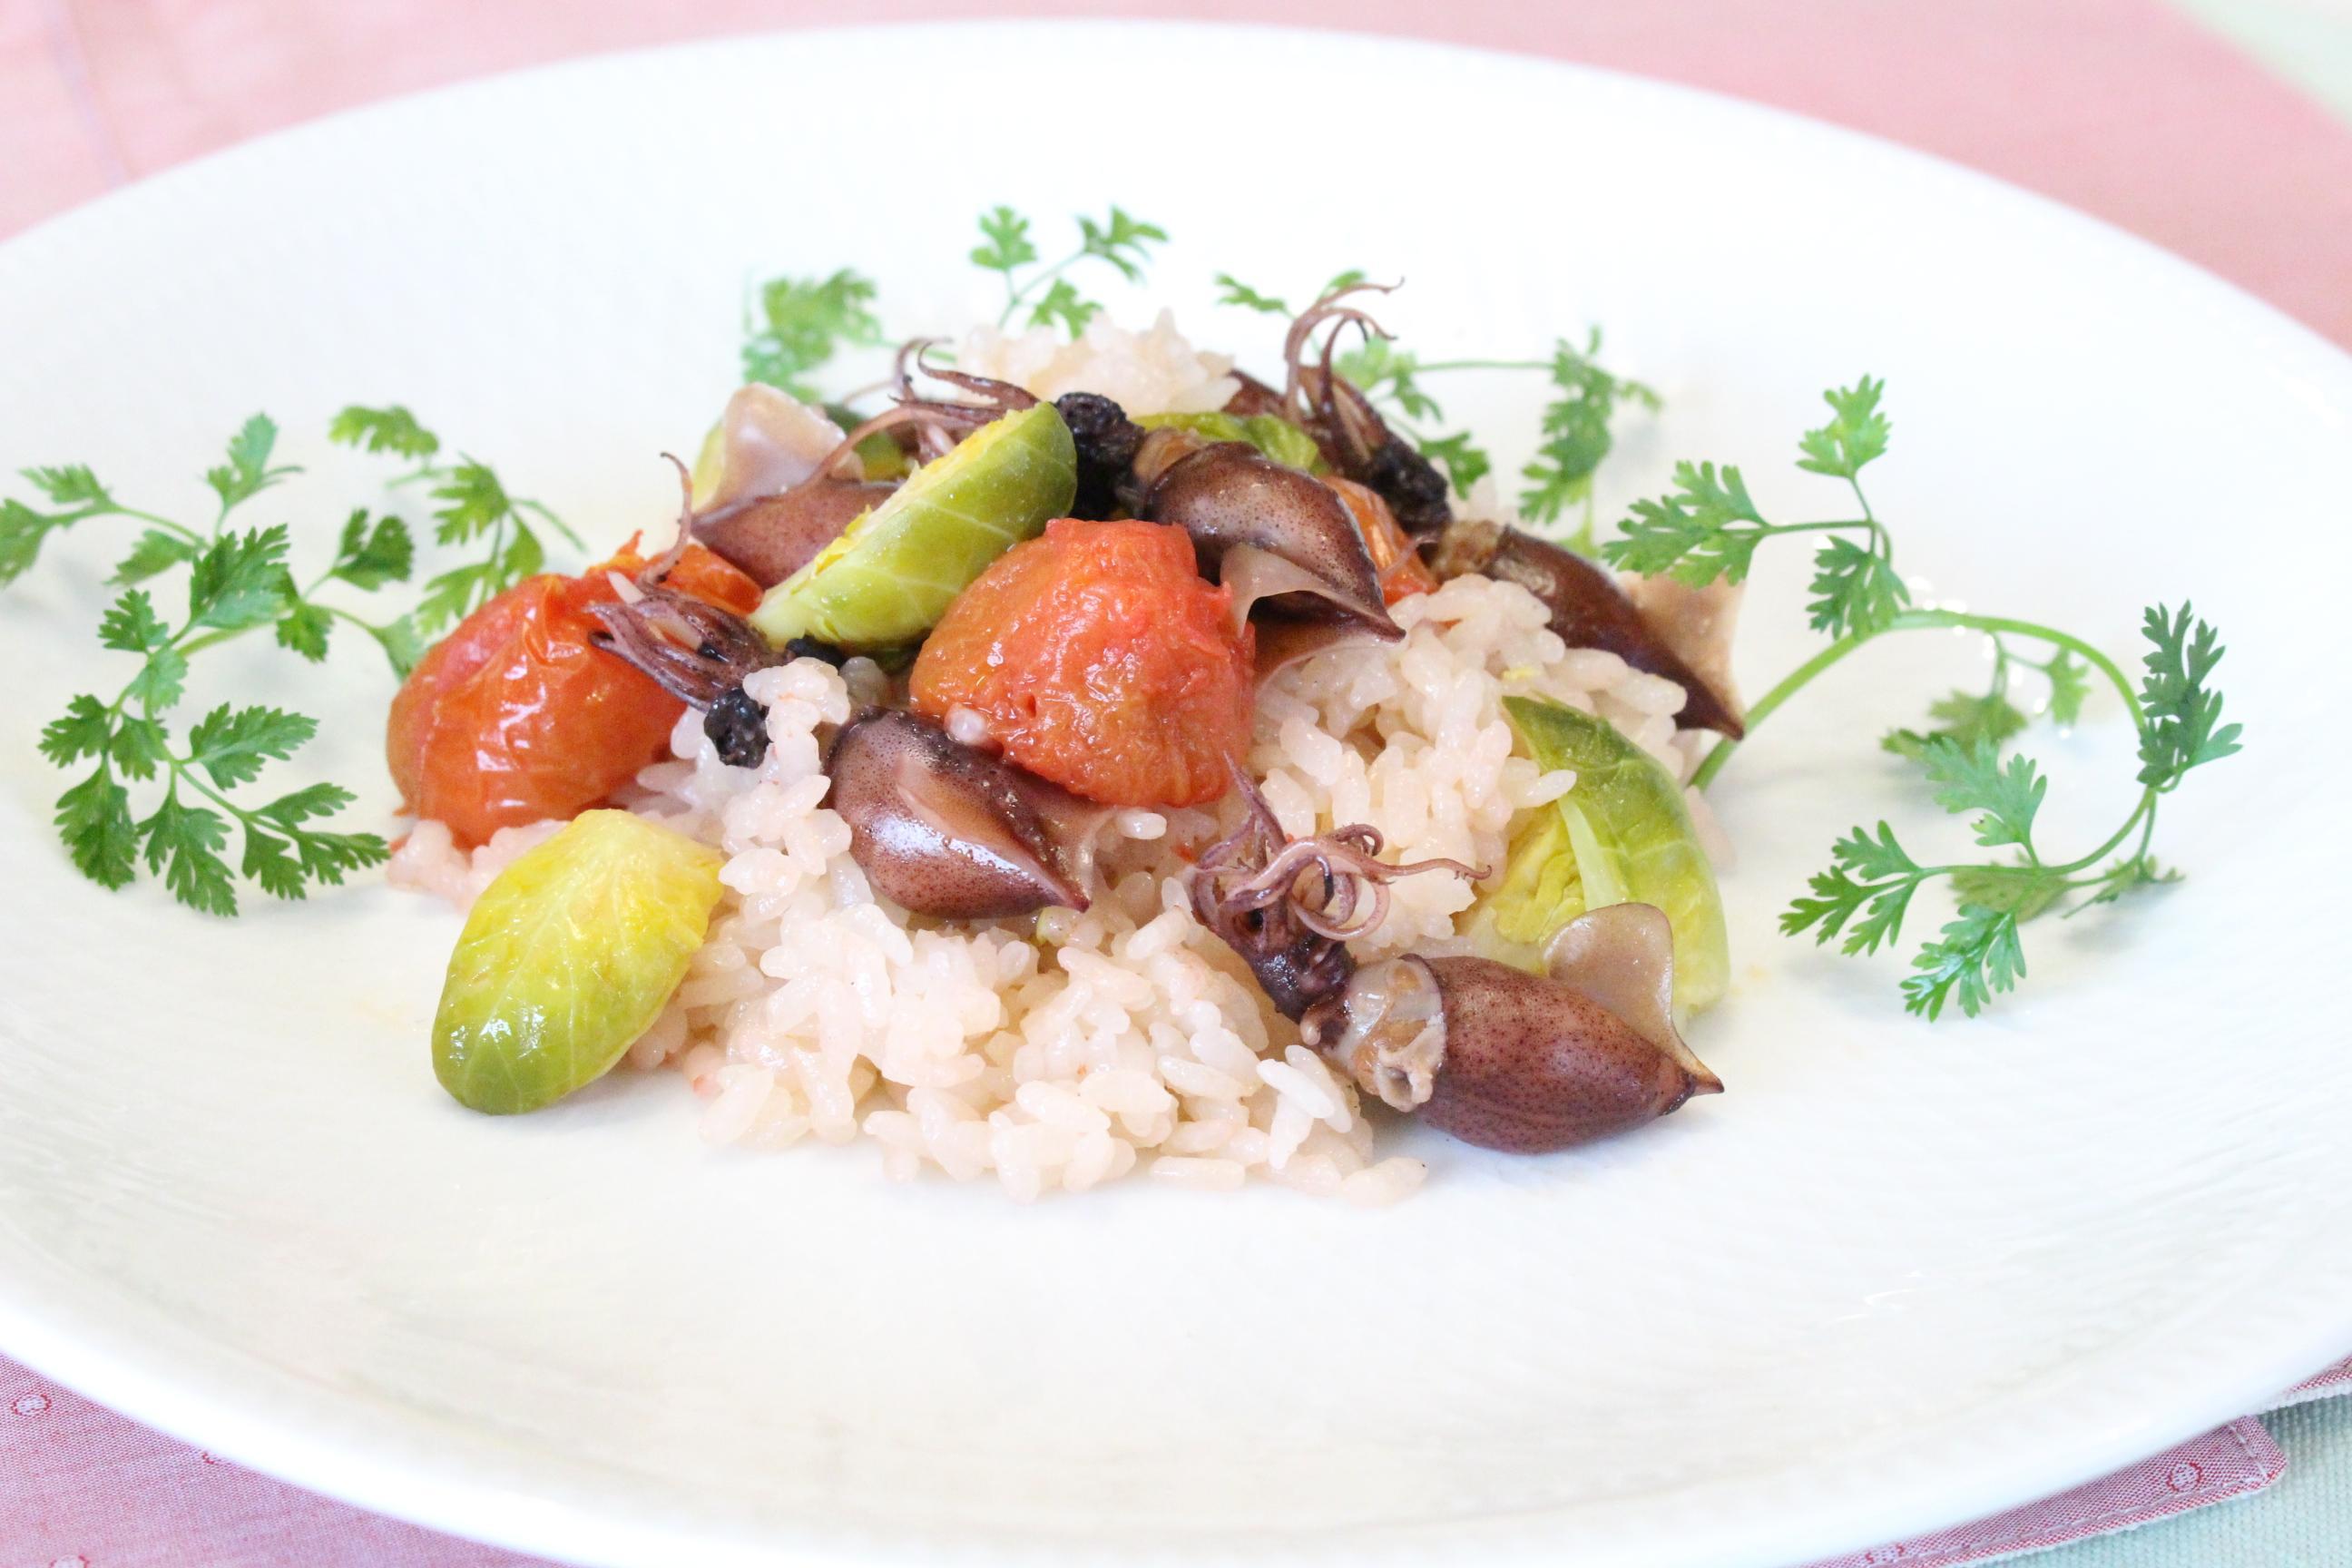 ホタルイカのイタリアン風炊き込みご飯